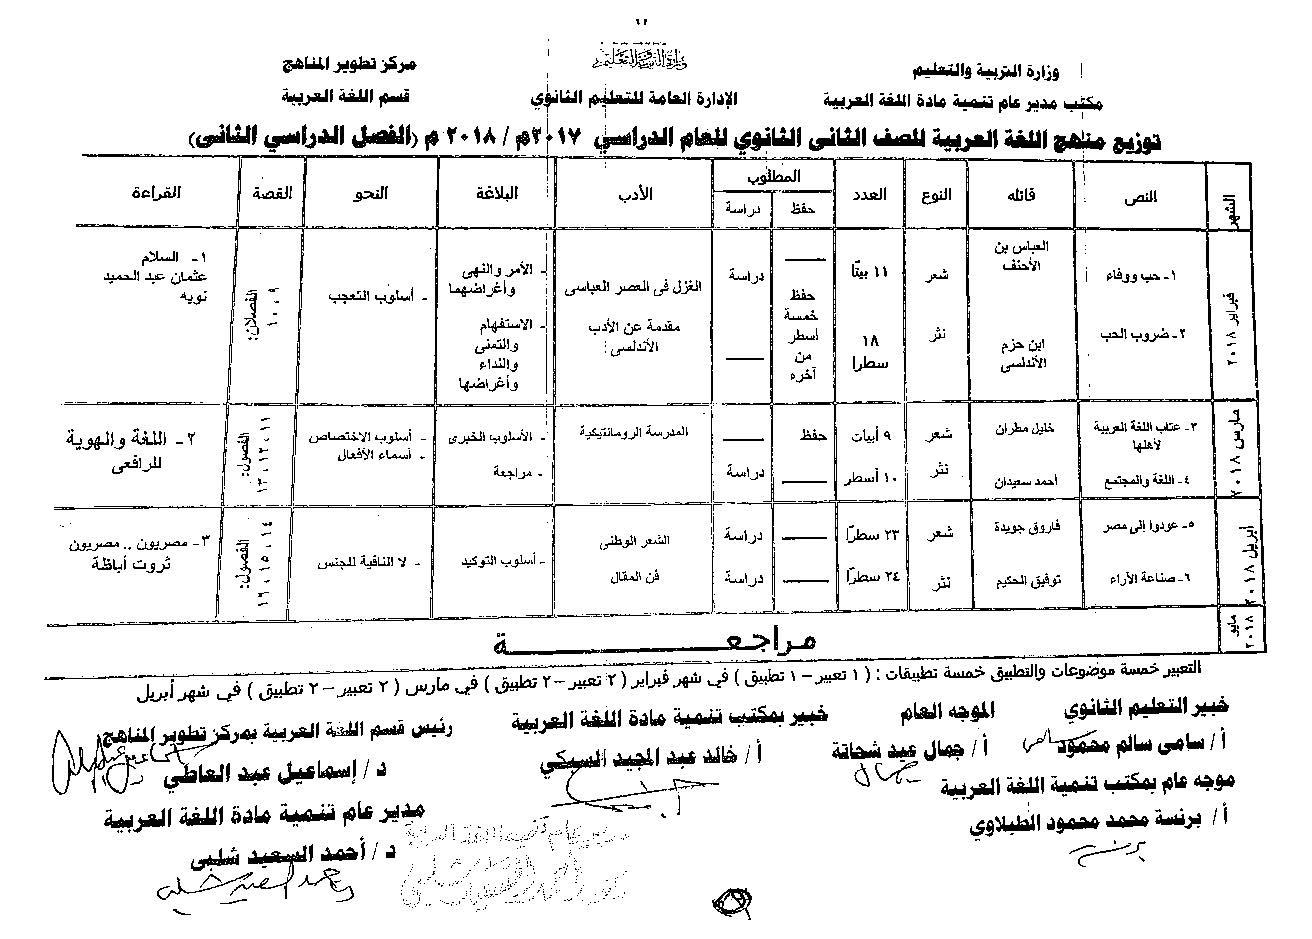 الخطة الزمنية و جدول توزيع منهج اللغة العربية للصف الثانى الثانوى 2018 كاملا .